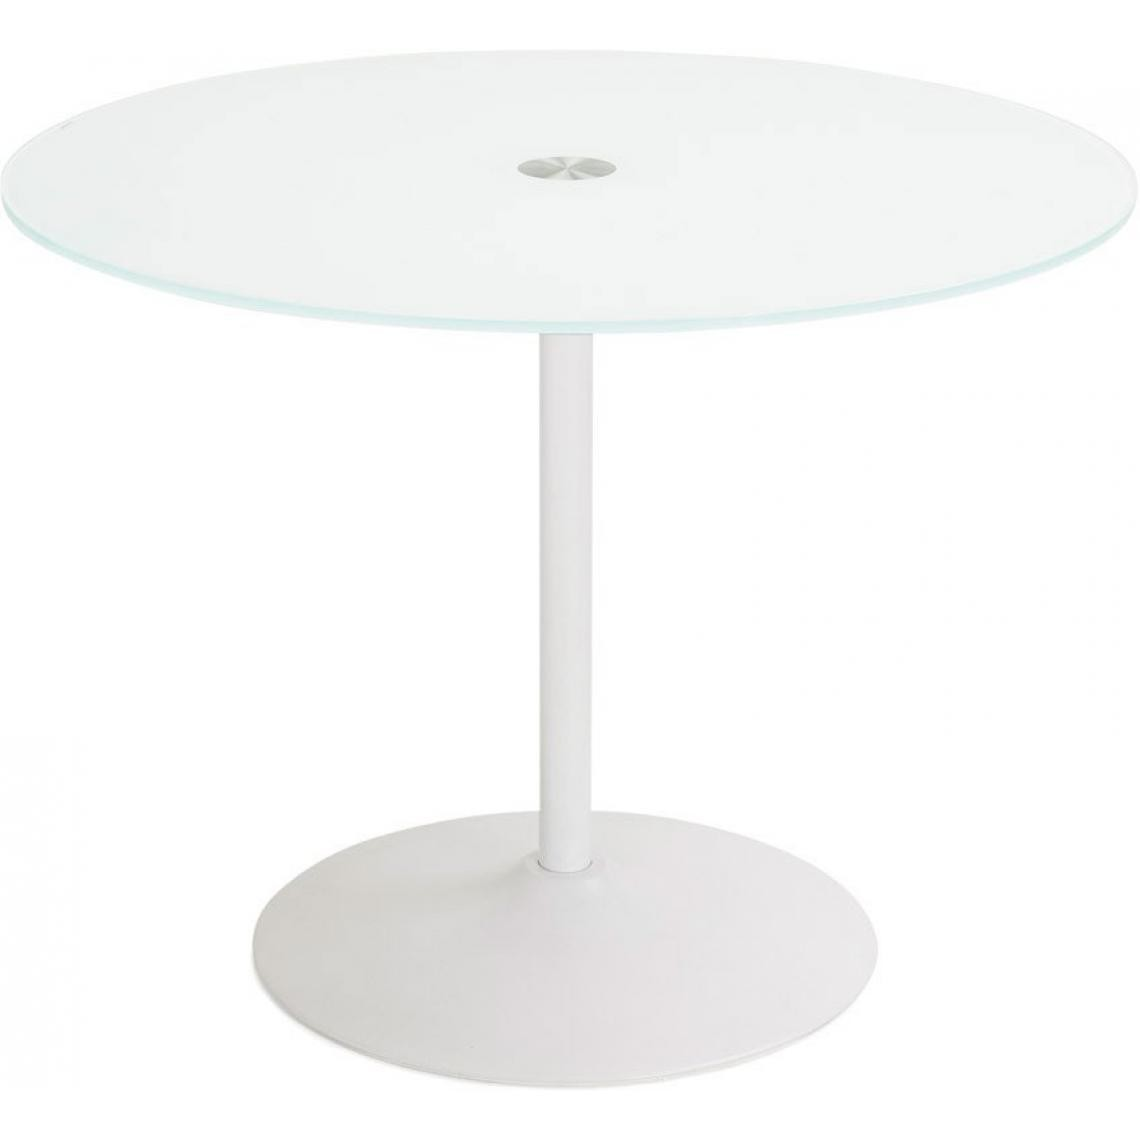 Table à Manger blanche ronde design plateau en verre ORLANDO